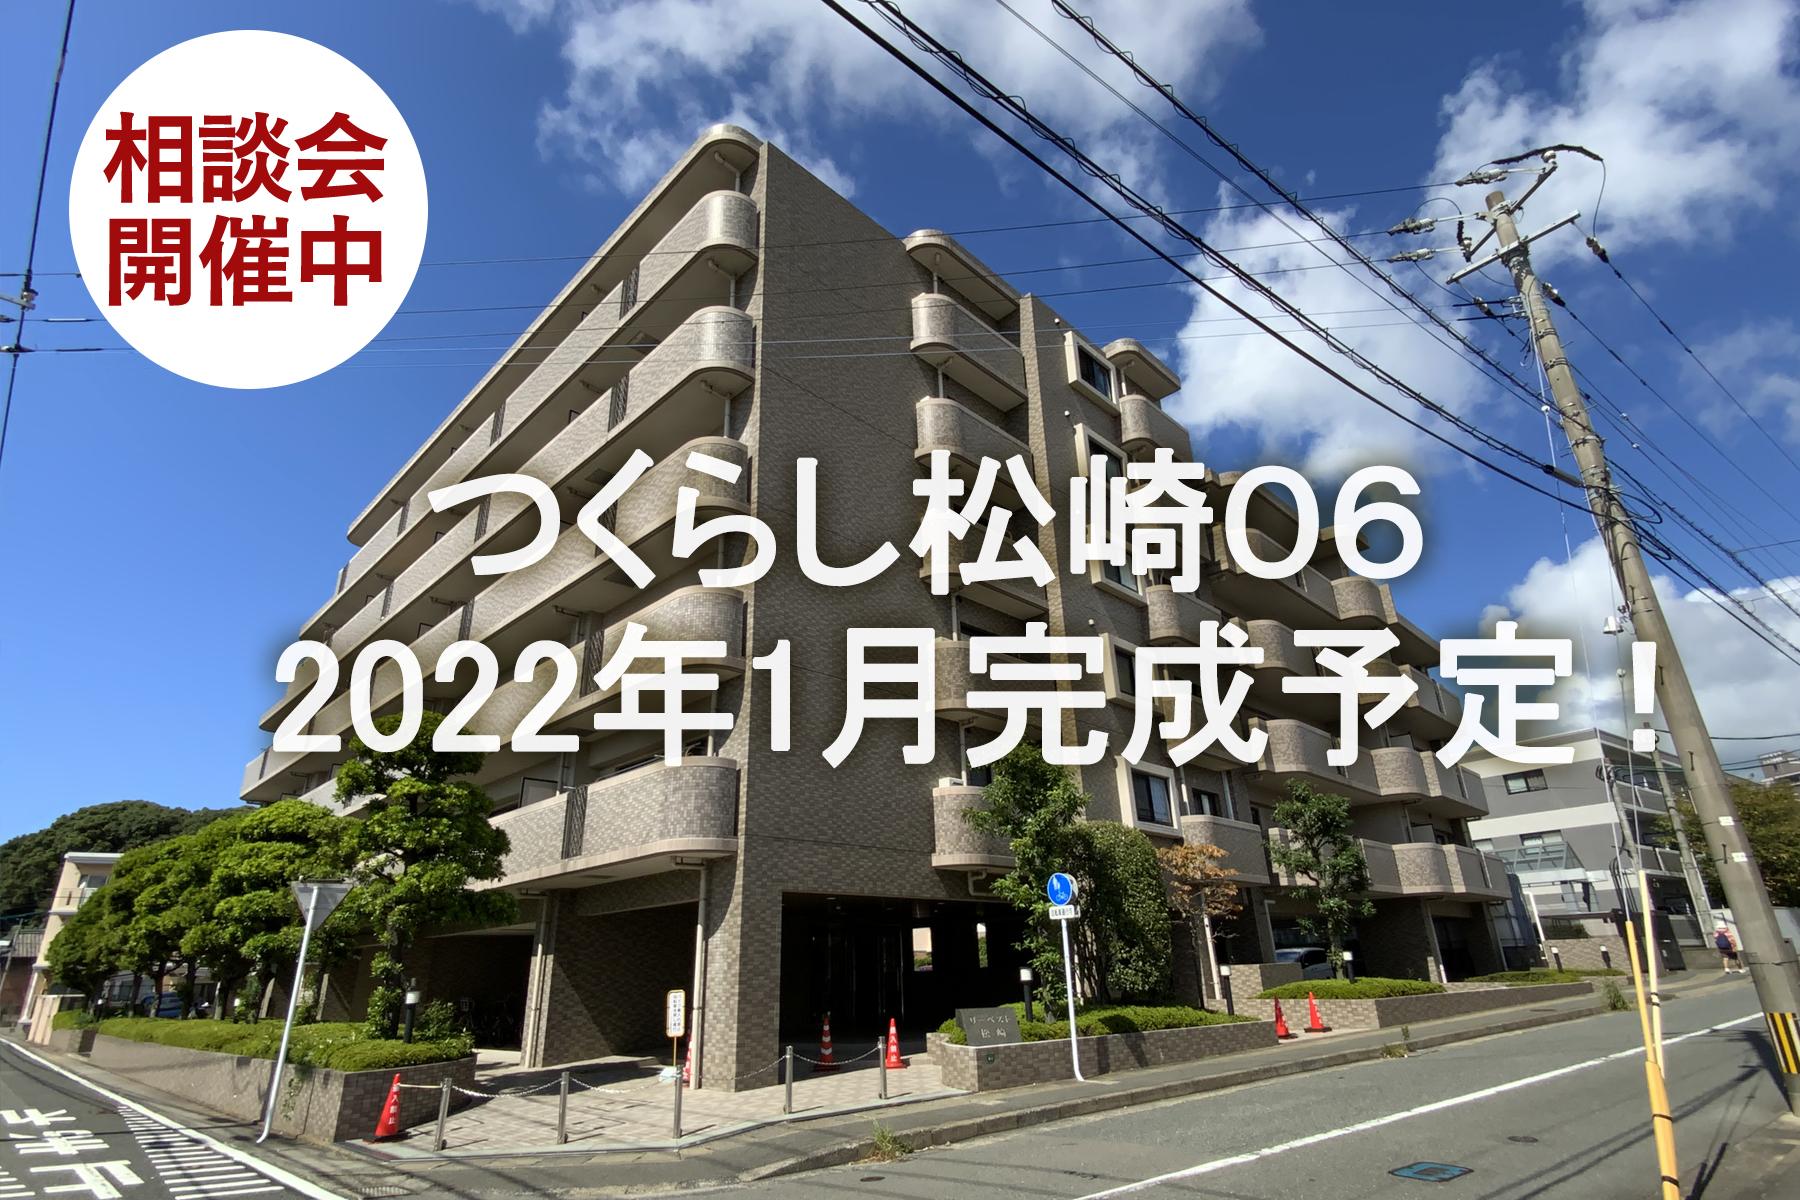 つくらし松崎06